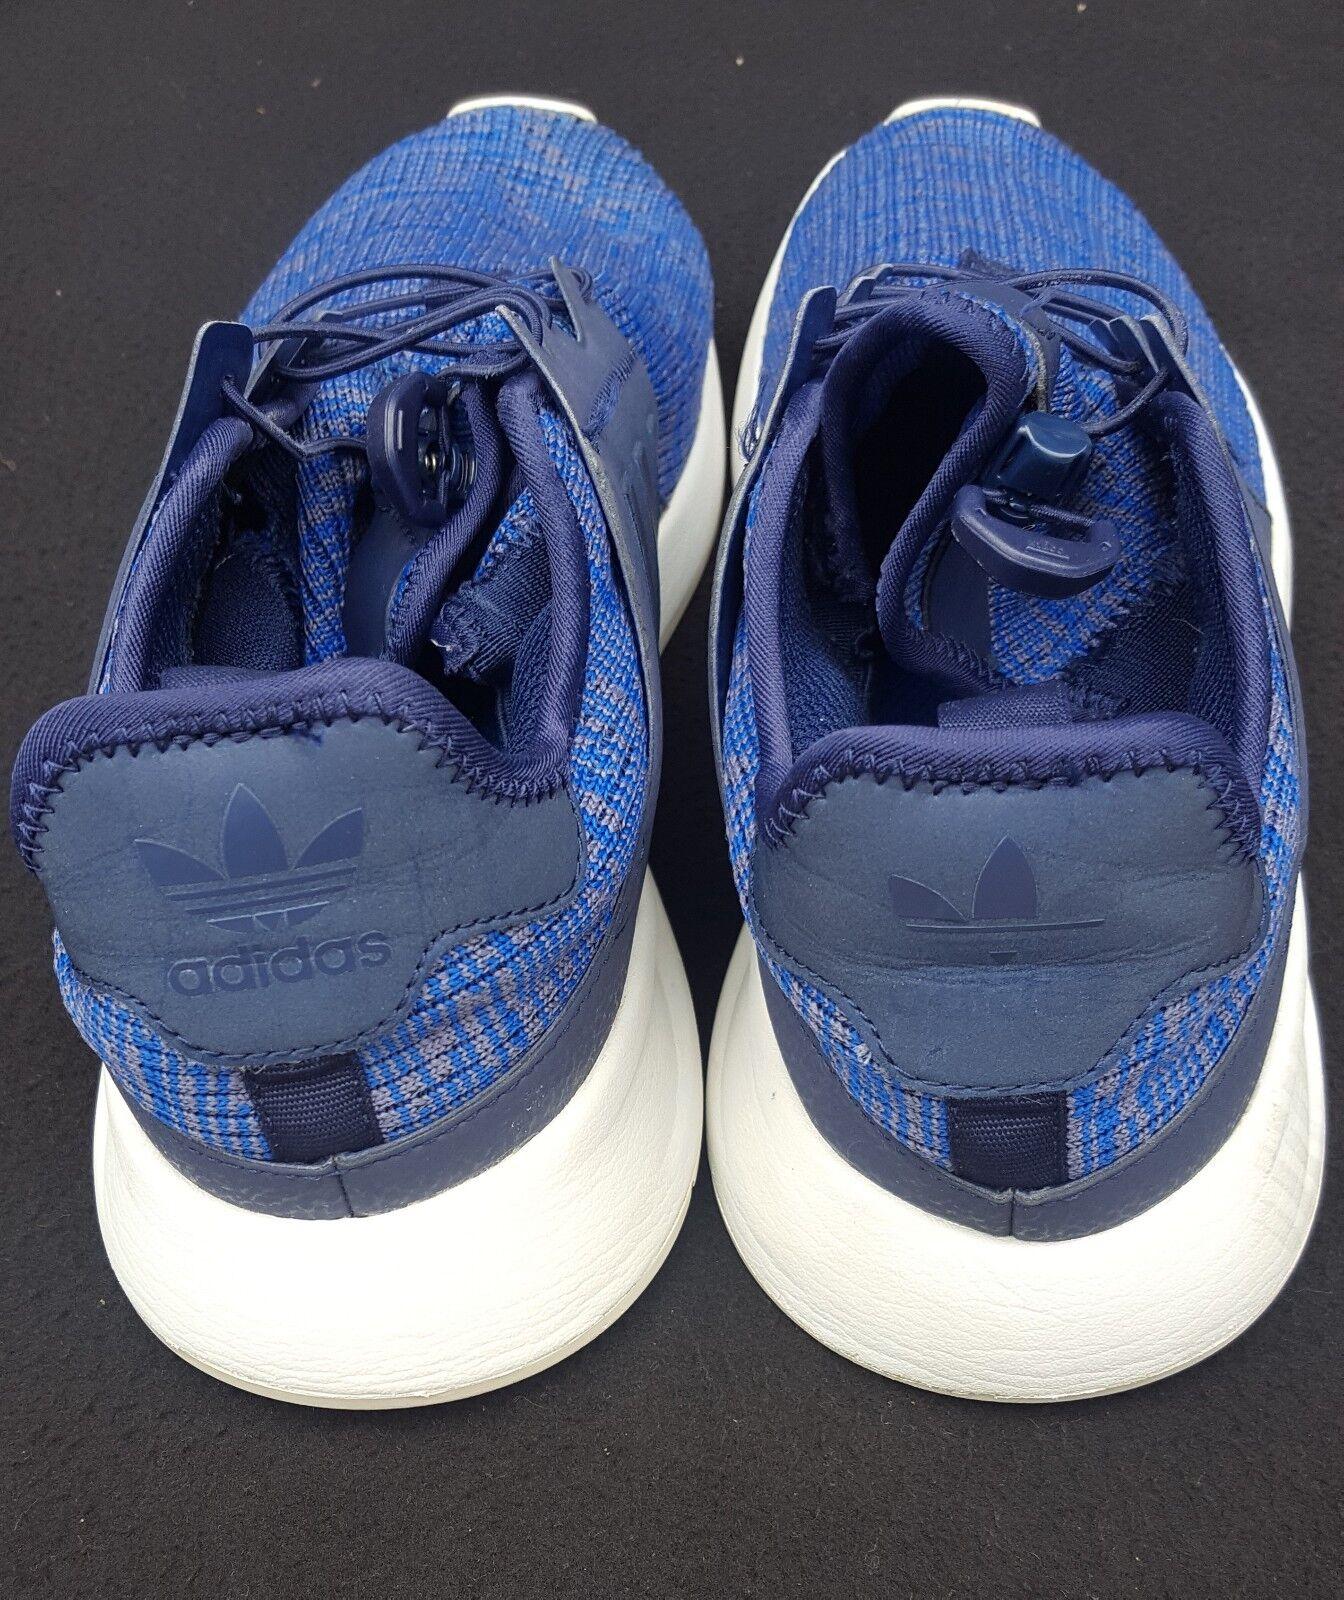 Adidas originali blu / / bianco / blu blu scuro bb2900 - arte e4f35f